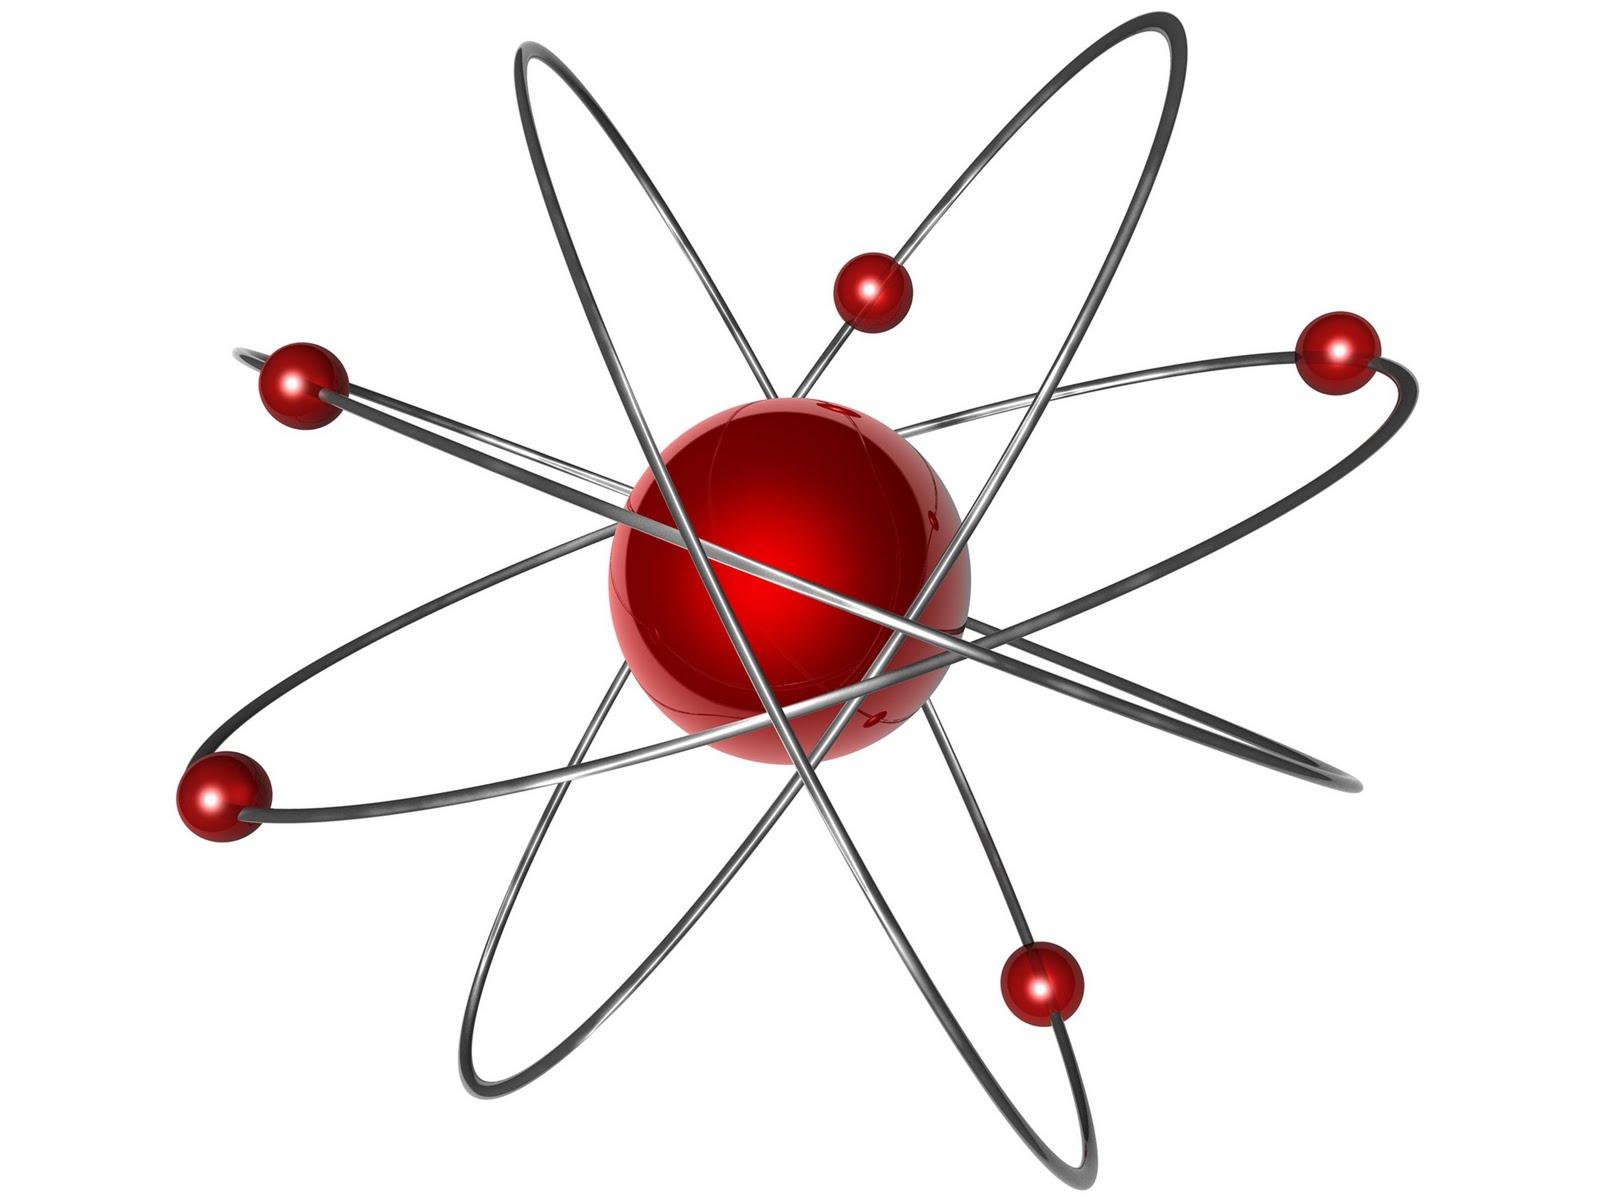 электроны и атомы картинки композиция вытянута вдоль